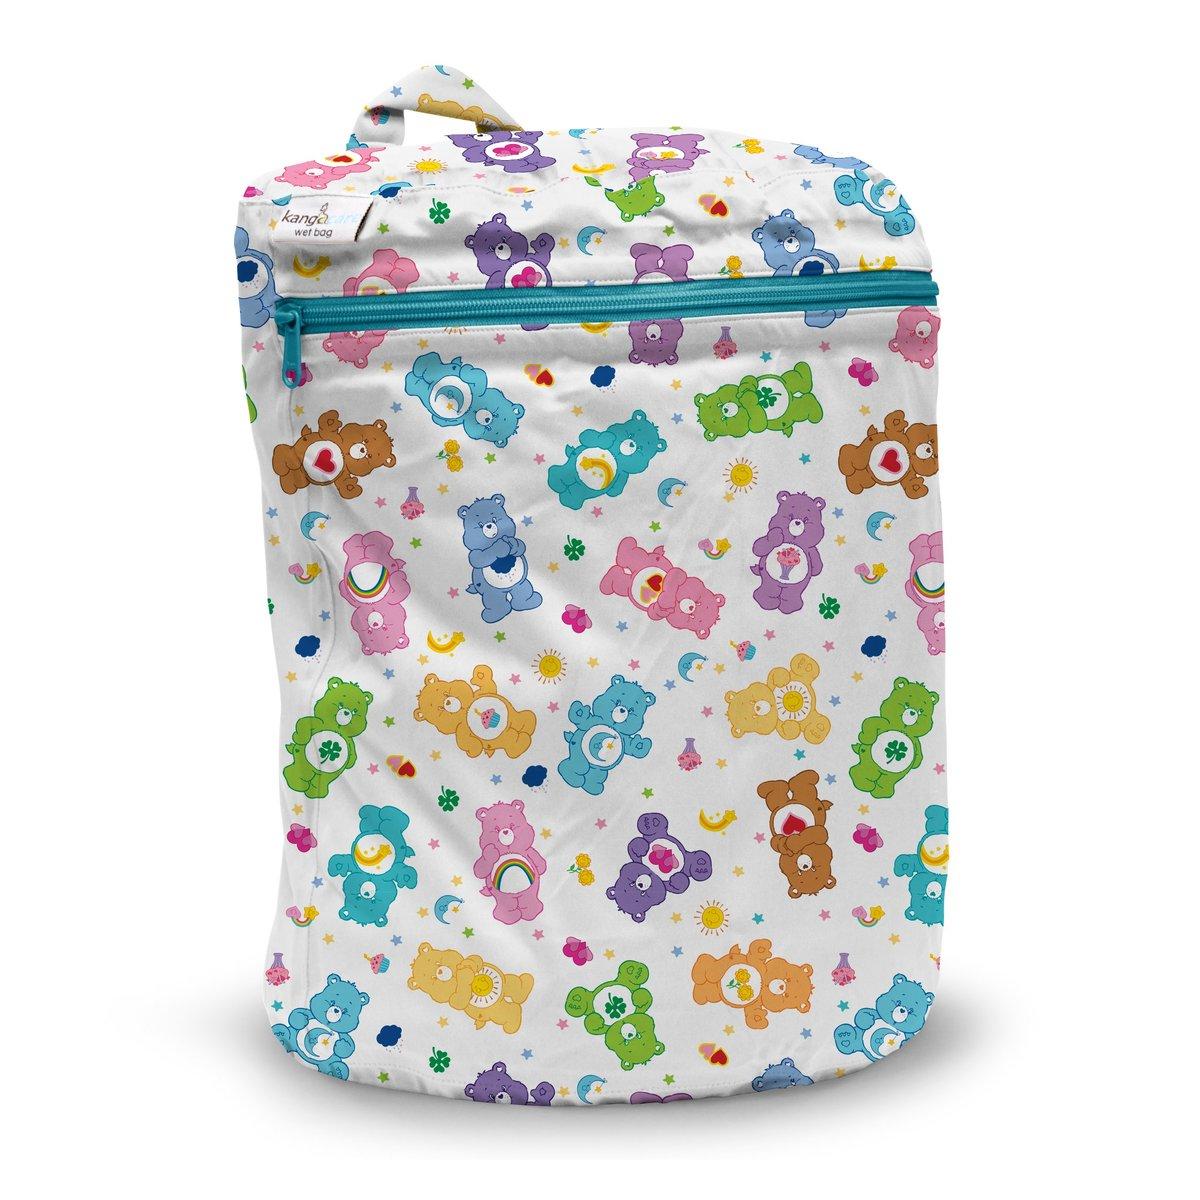 KangaCare - Wet Bag - Care-a-lot